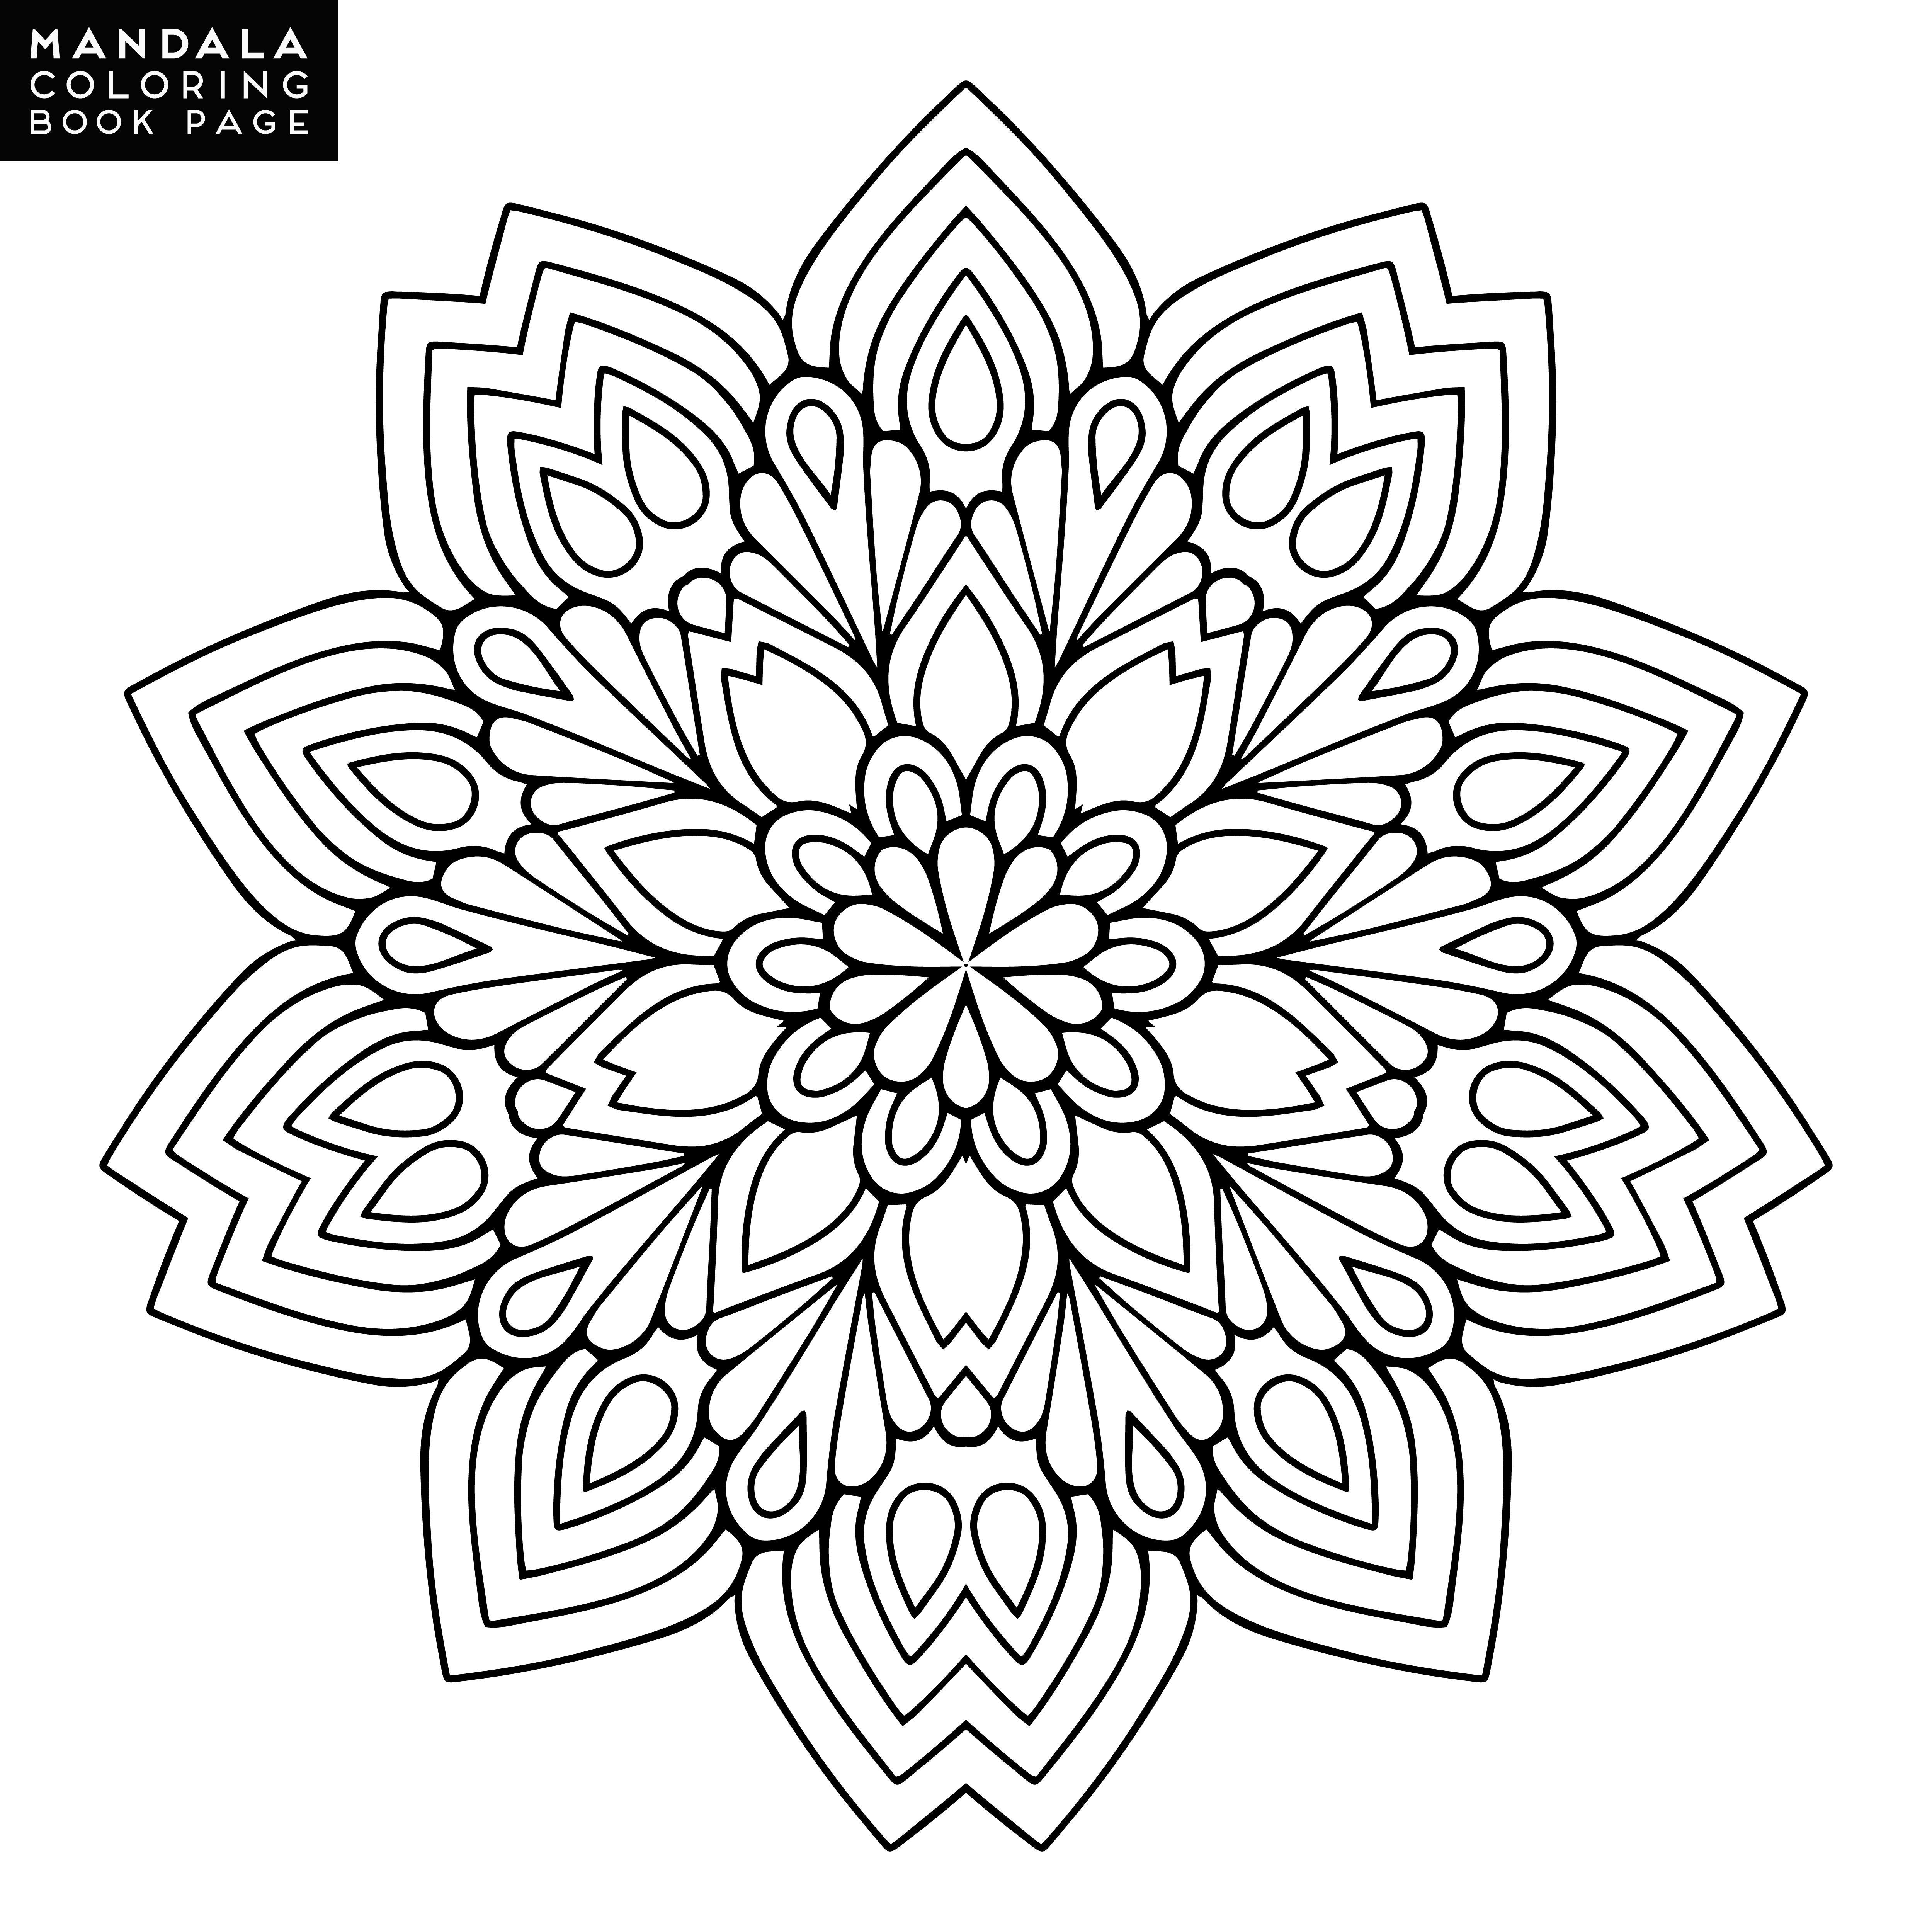 Sewing Box By Nicapicella Thingiverse Mandala Coloring Pages Mandala Coloring Mandala Coloring Books